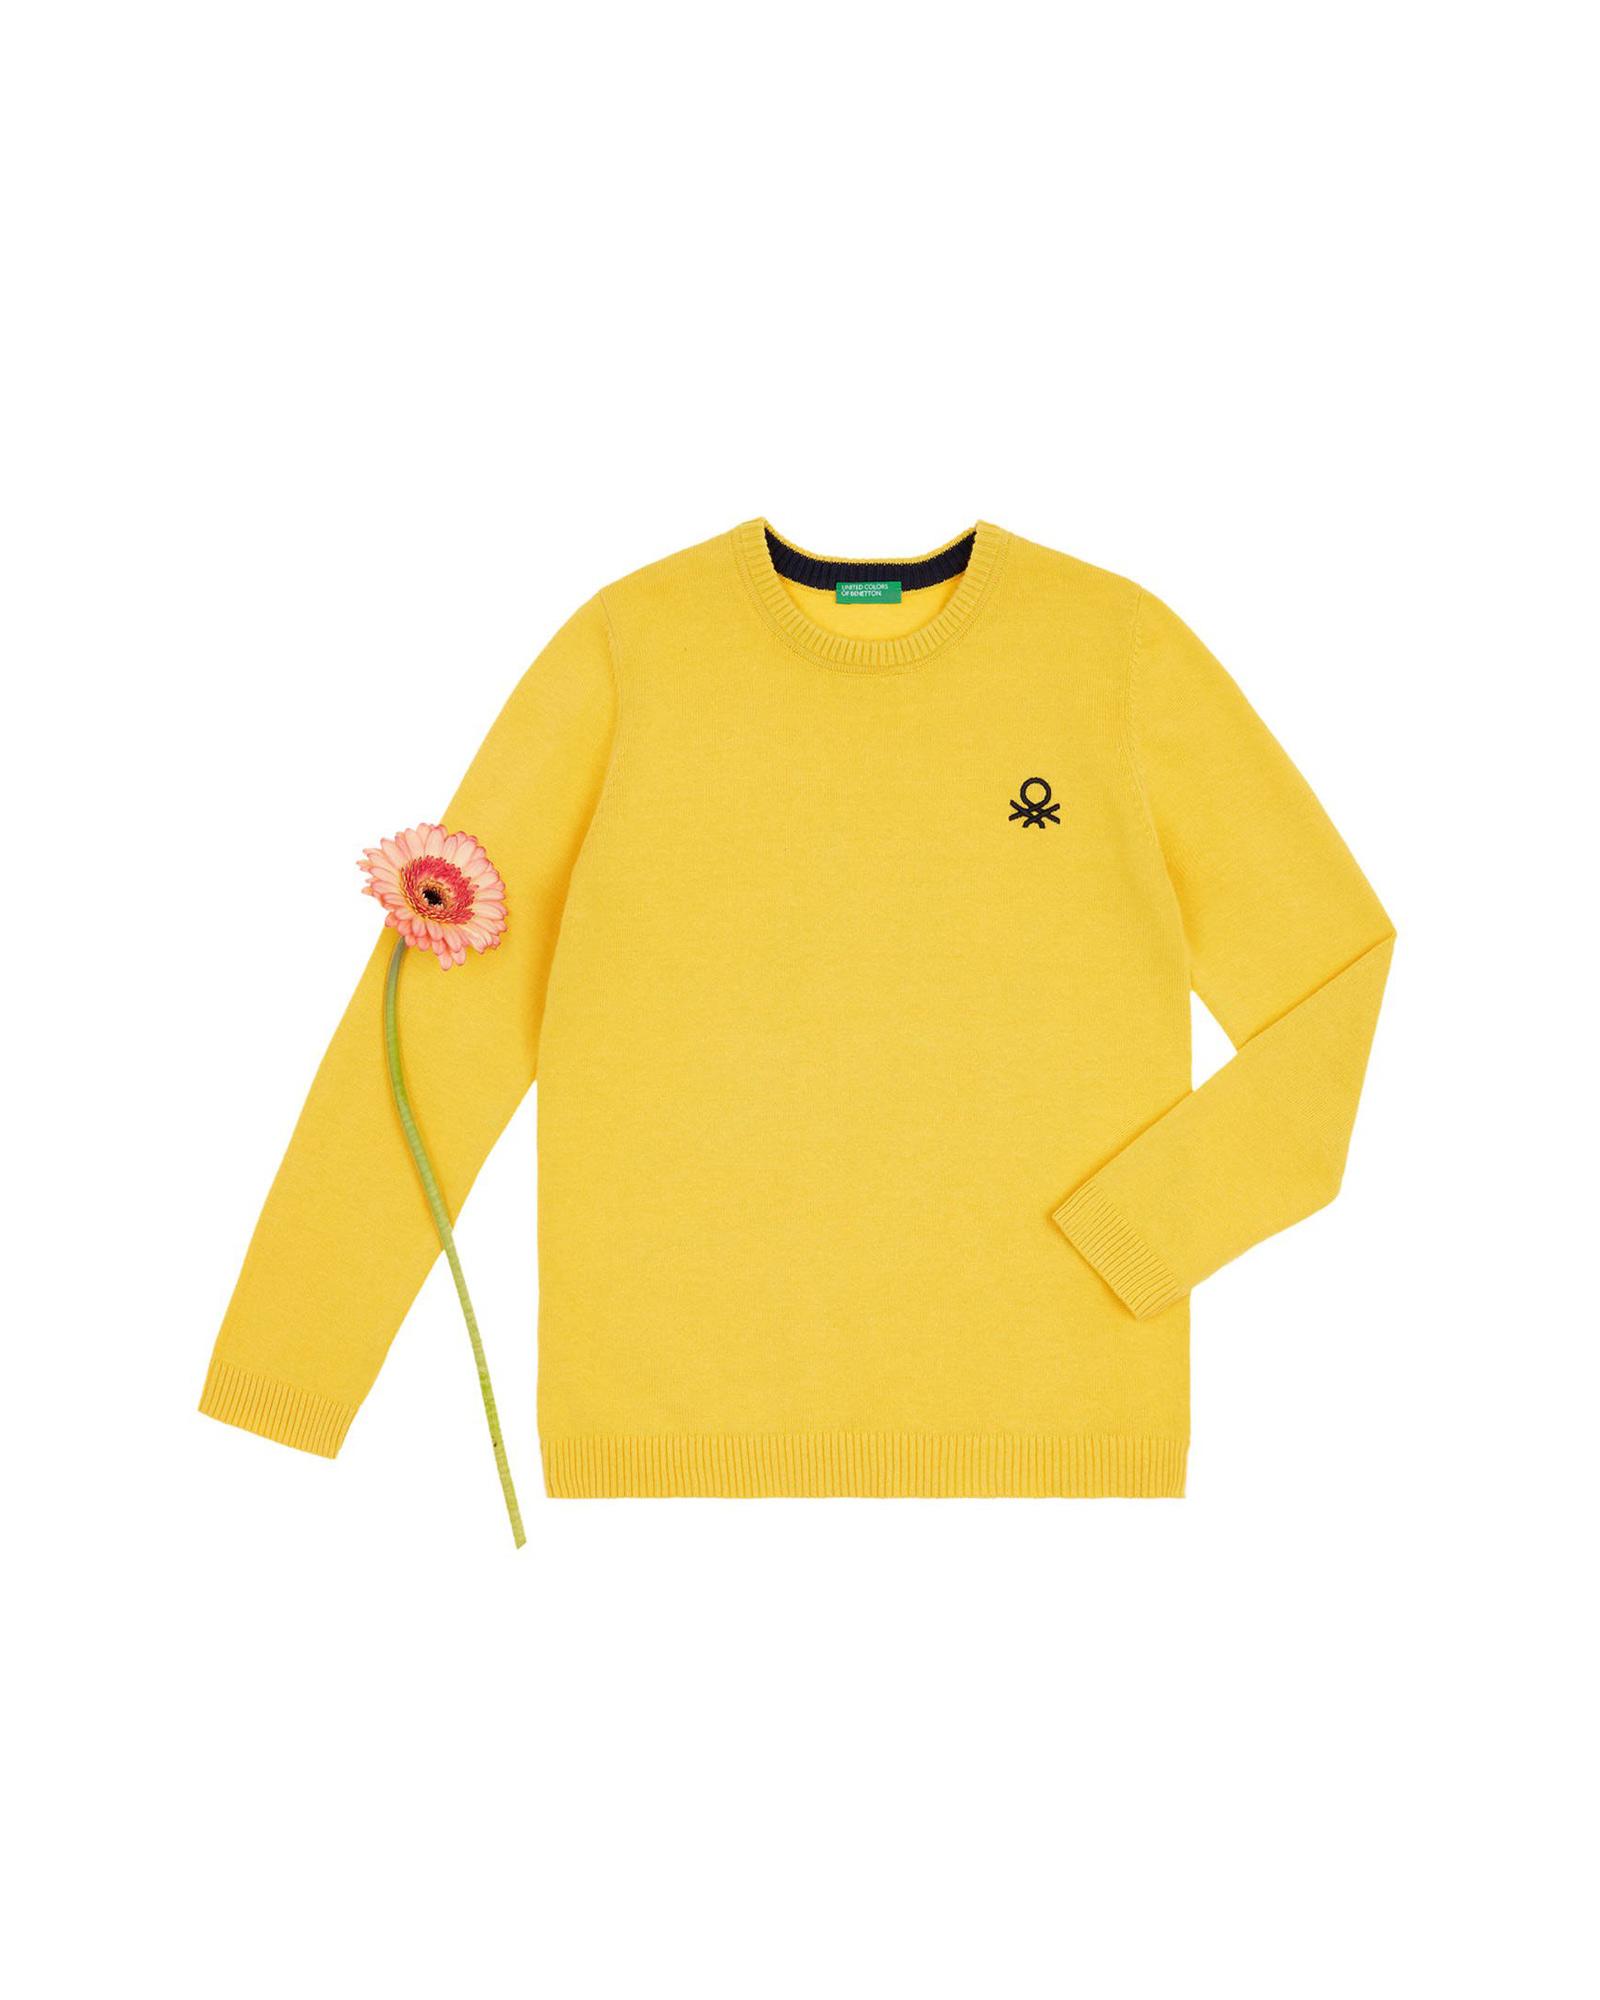 Abbigliamento Bambino Collezione Bimbi 2019 4bd097624c4